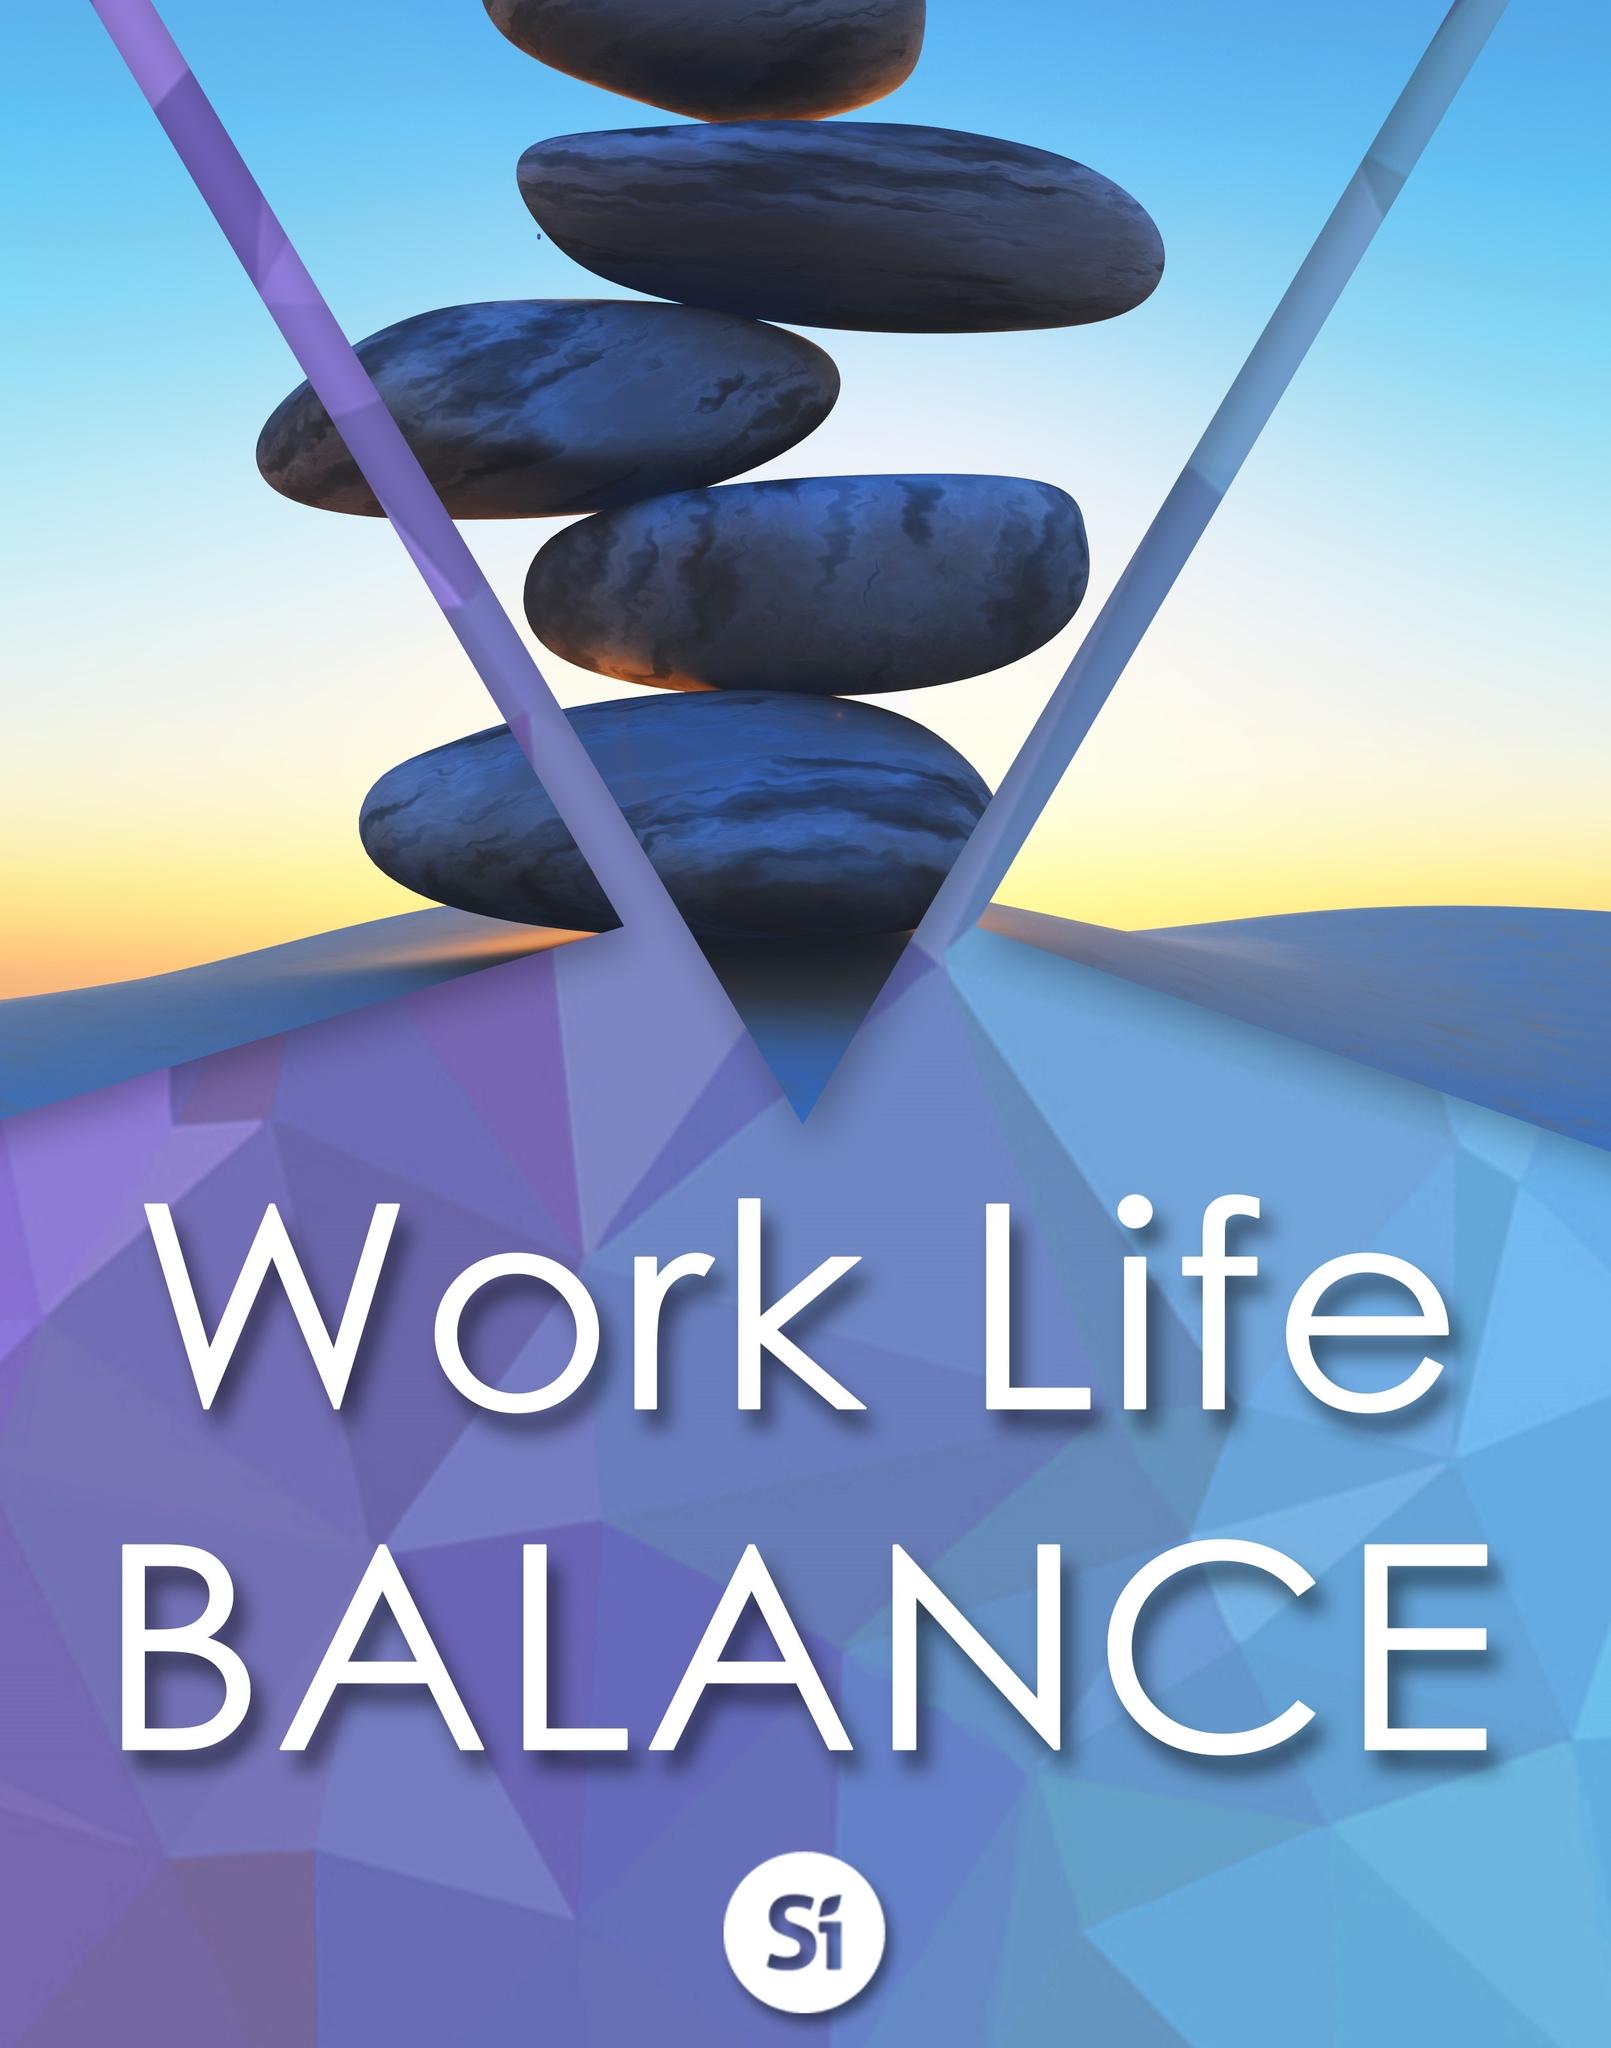 work-life_balance szkolenie